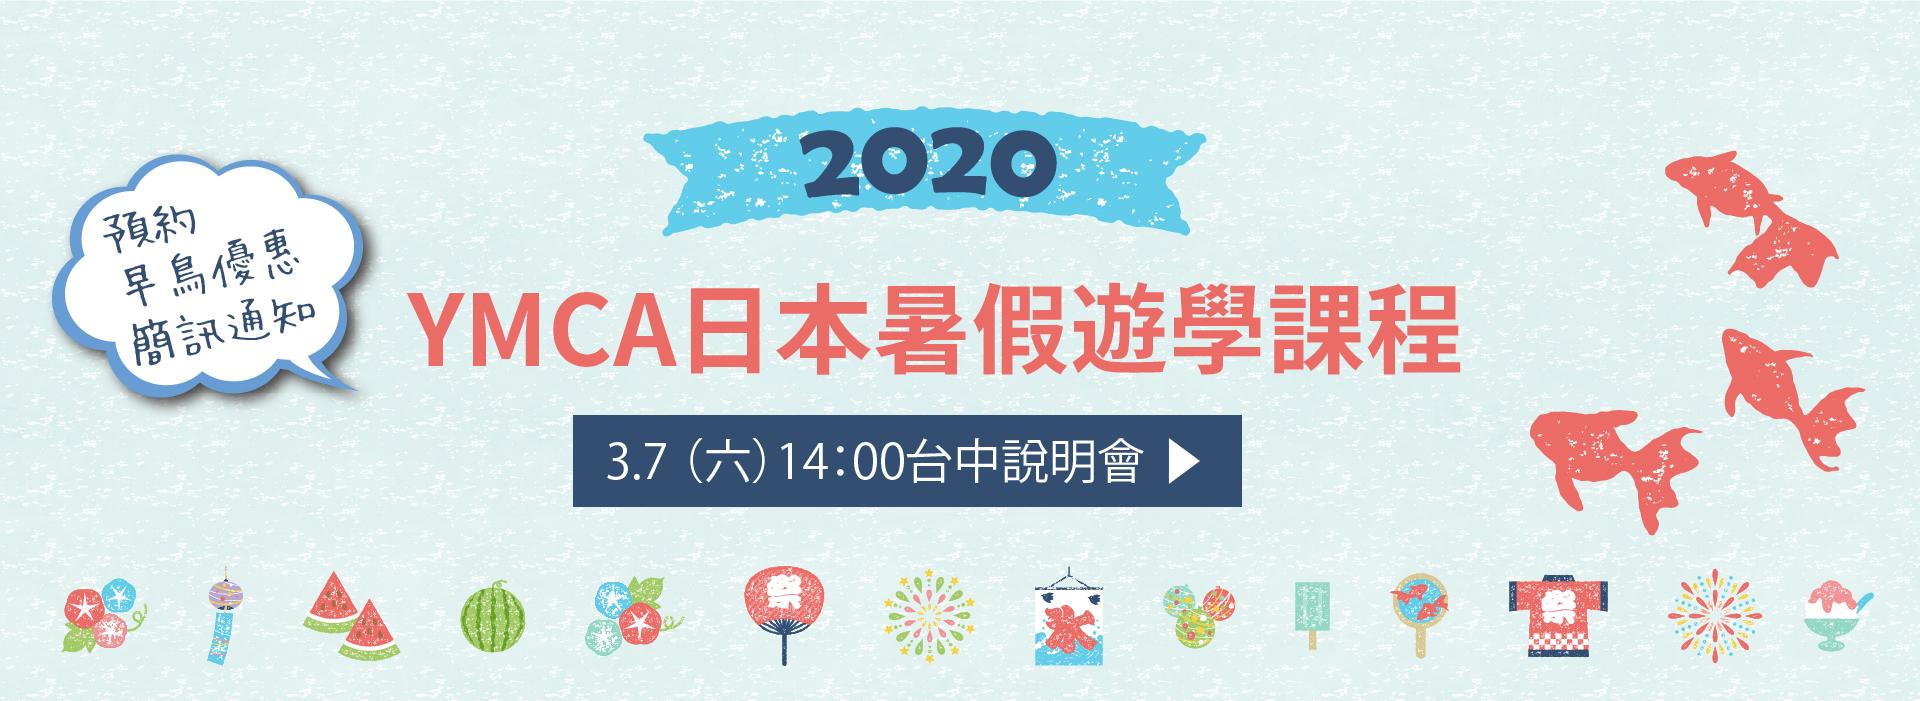 【2020年暑假】早鳥預約